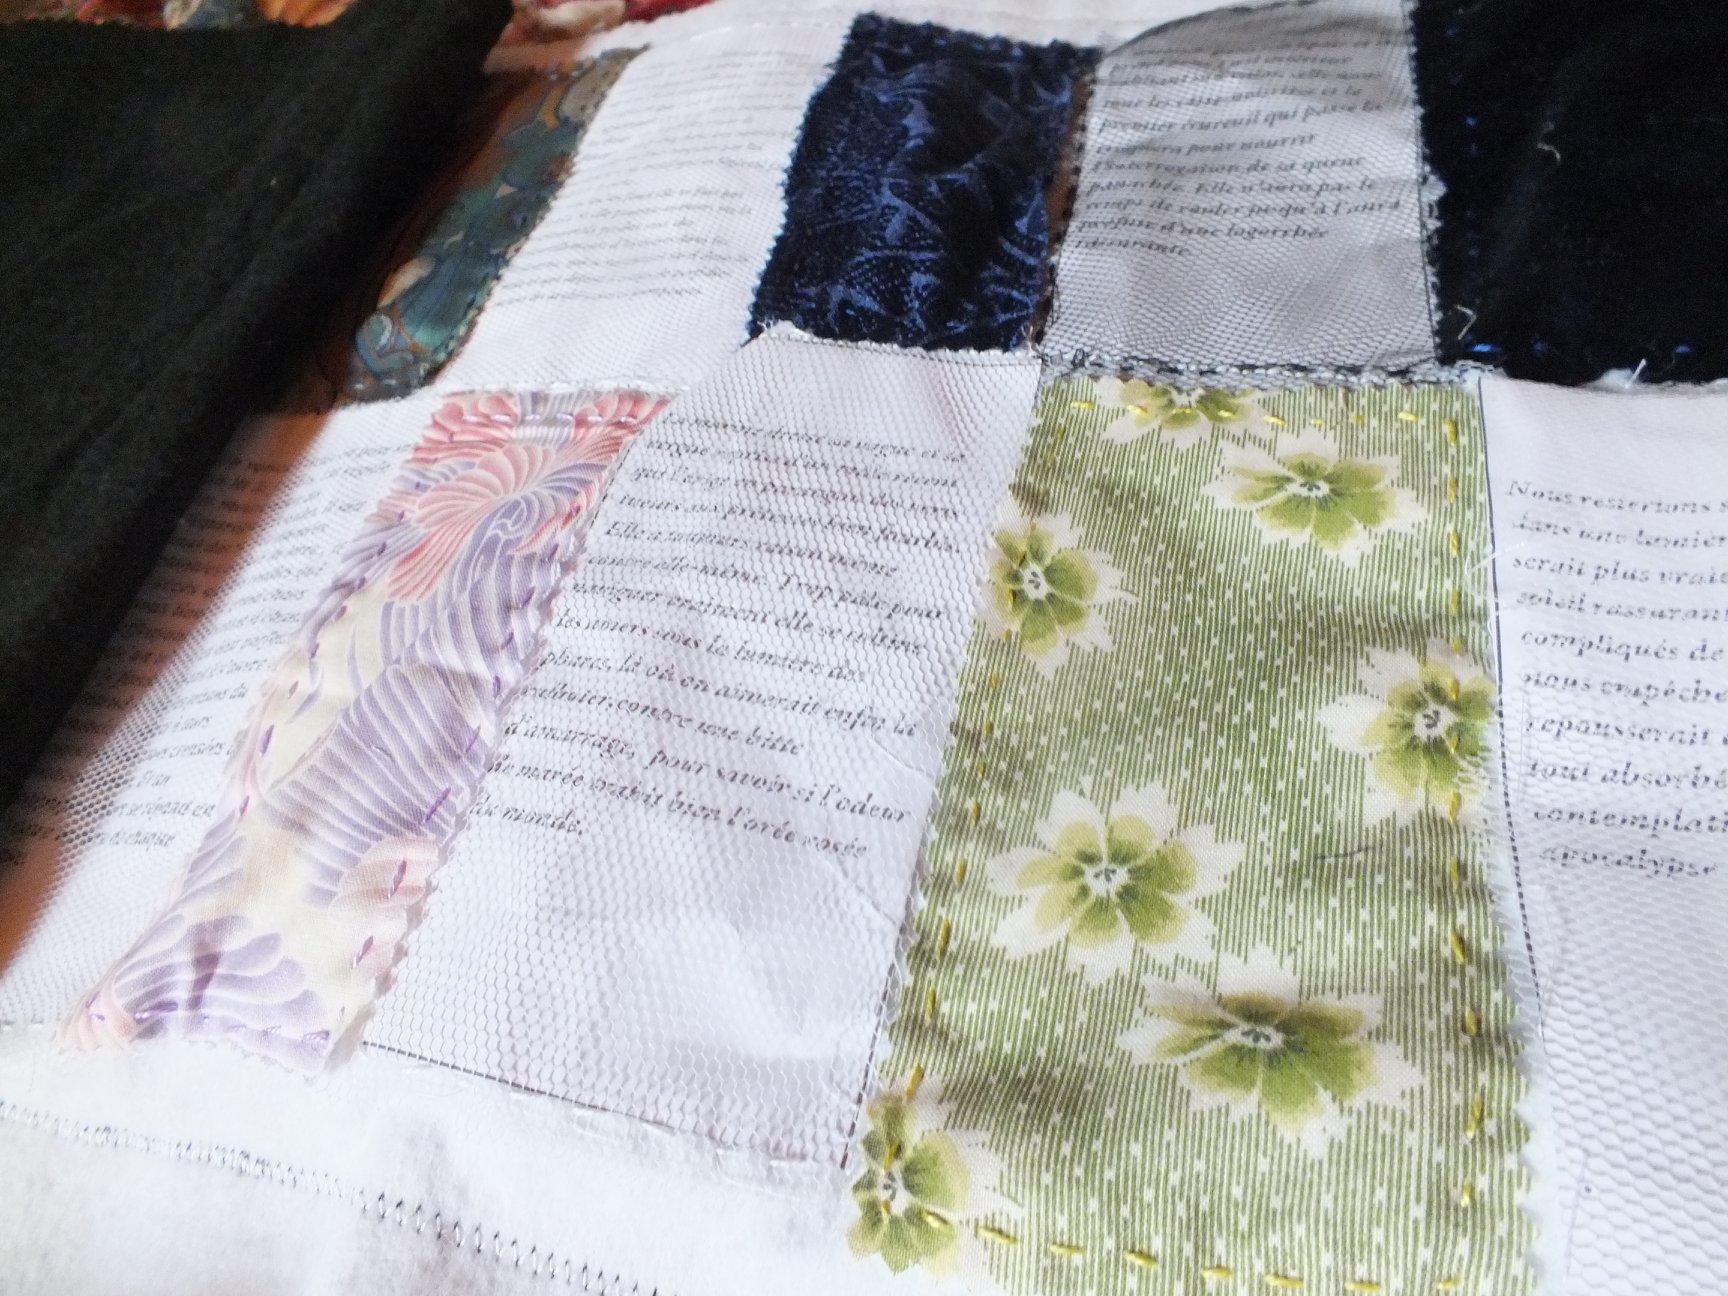 Du textile aux textes